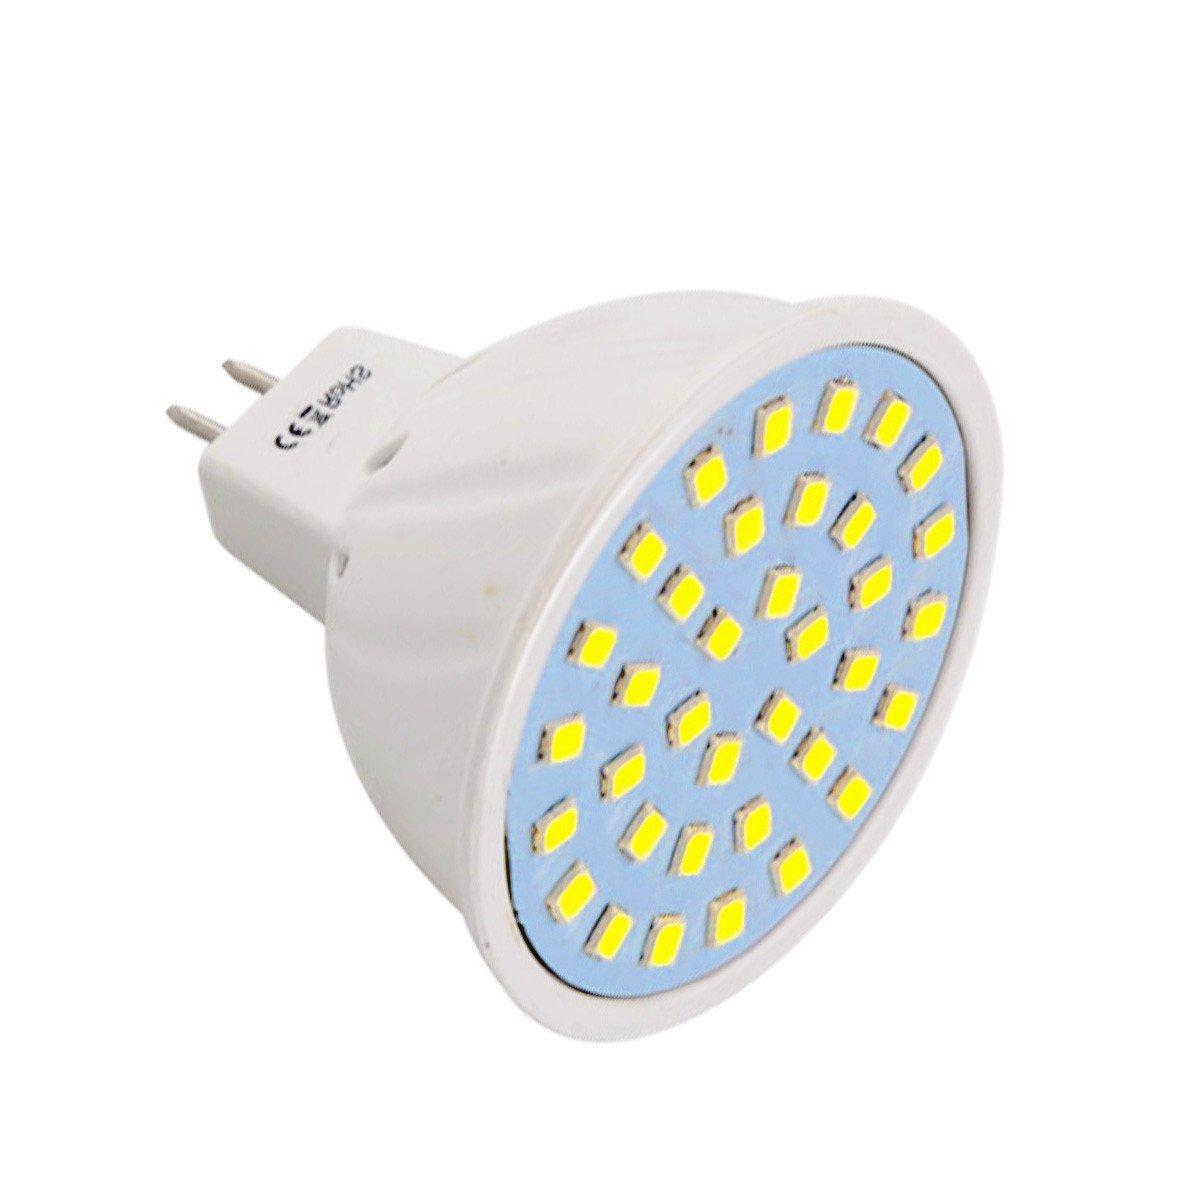 GR Warm White Cool White LED Spotlight AC 110-130V MR16 36LED 3W 2835SMD 200-300Lm (1PC) (Color : Cool White)